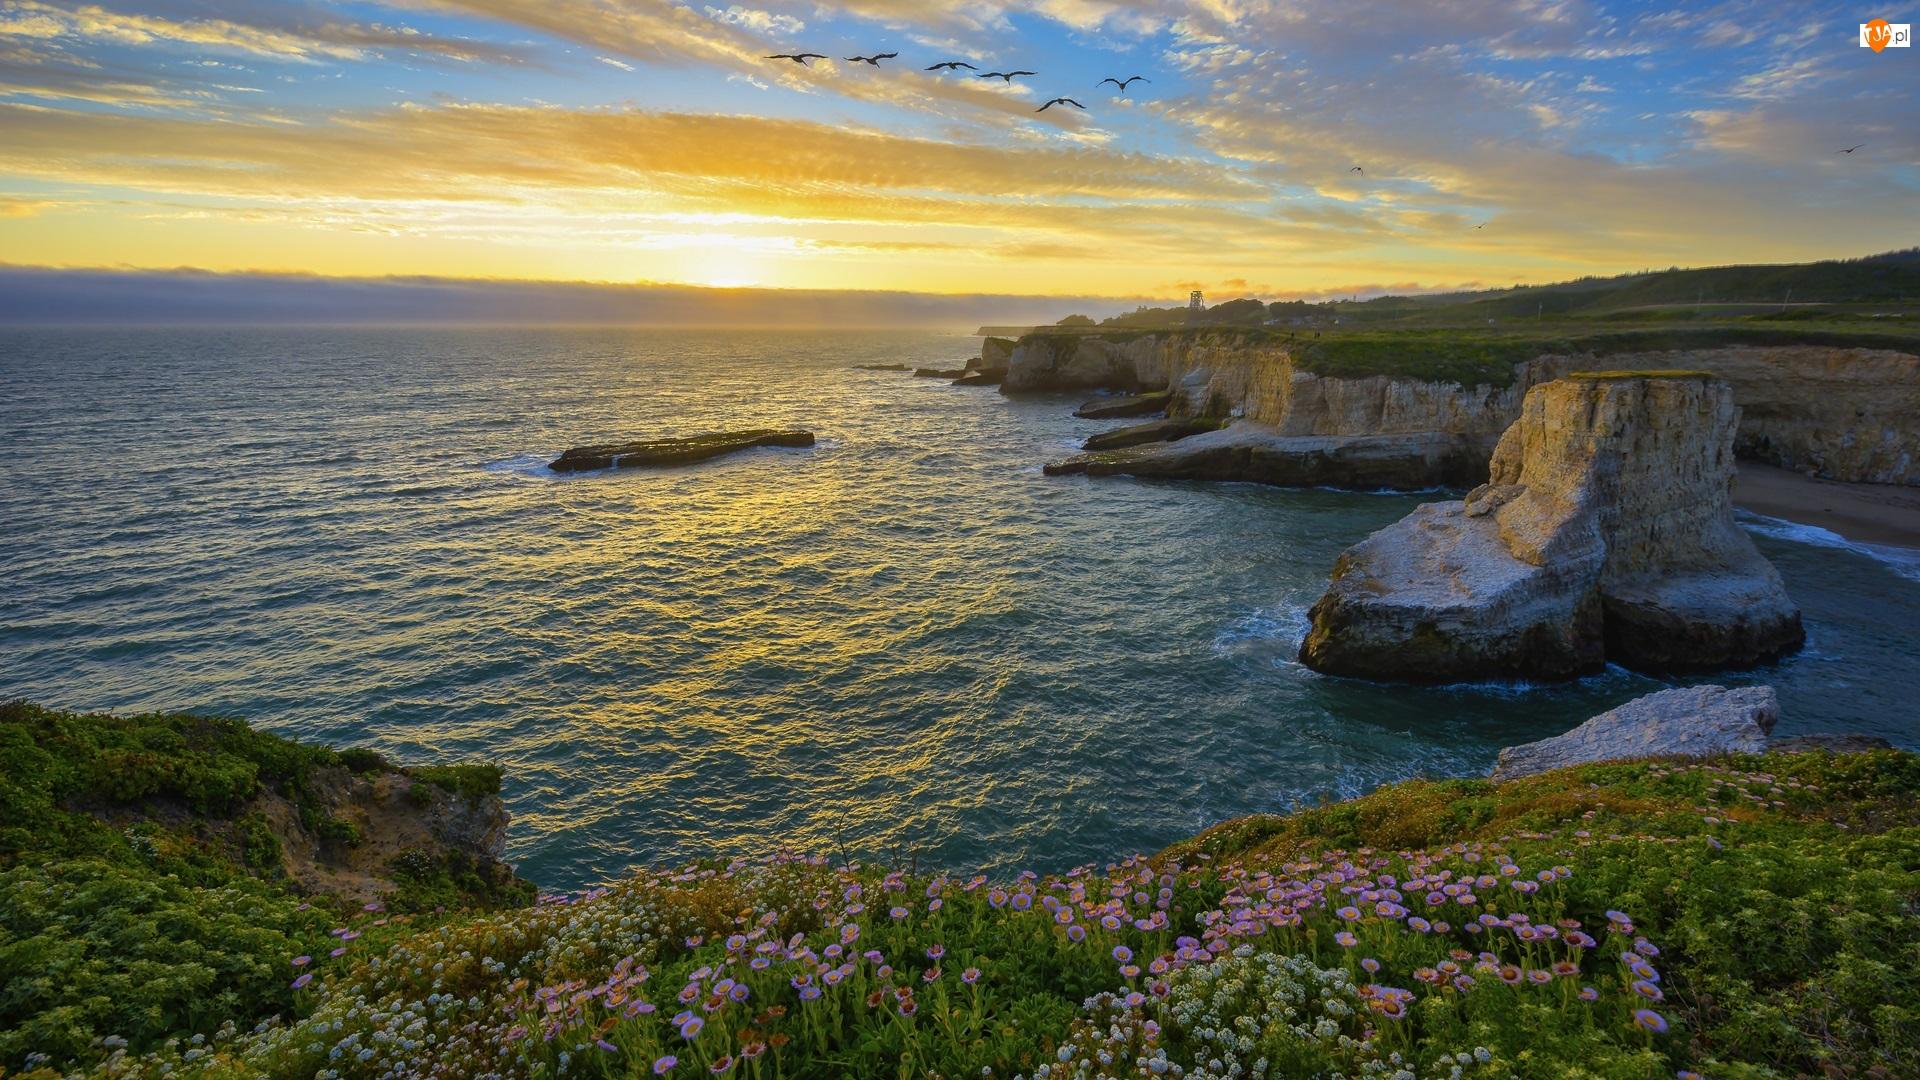 Davenport, Ocean Spokojny, Wschód słońca, Stany Zjednoczone, Hrabstwo Santa Cruz, Morze, Klify, Ptaki, Wybrzeże, Skały, Kwiaty, Kalifornia